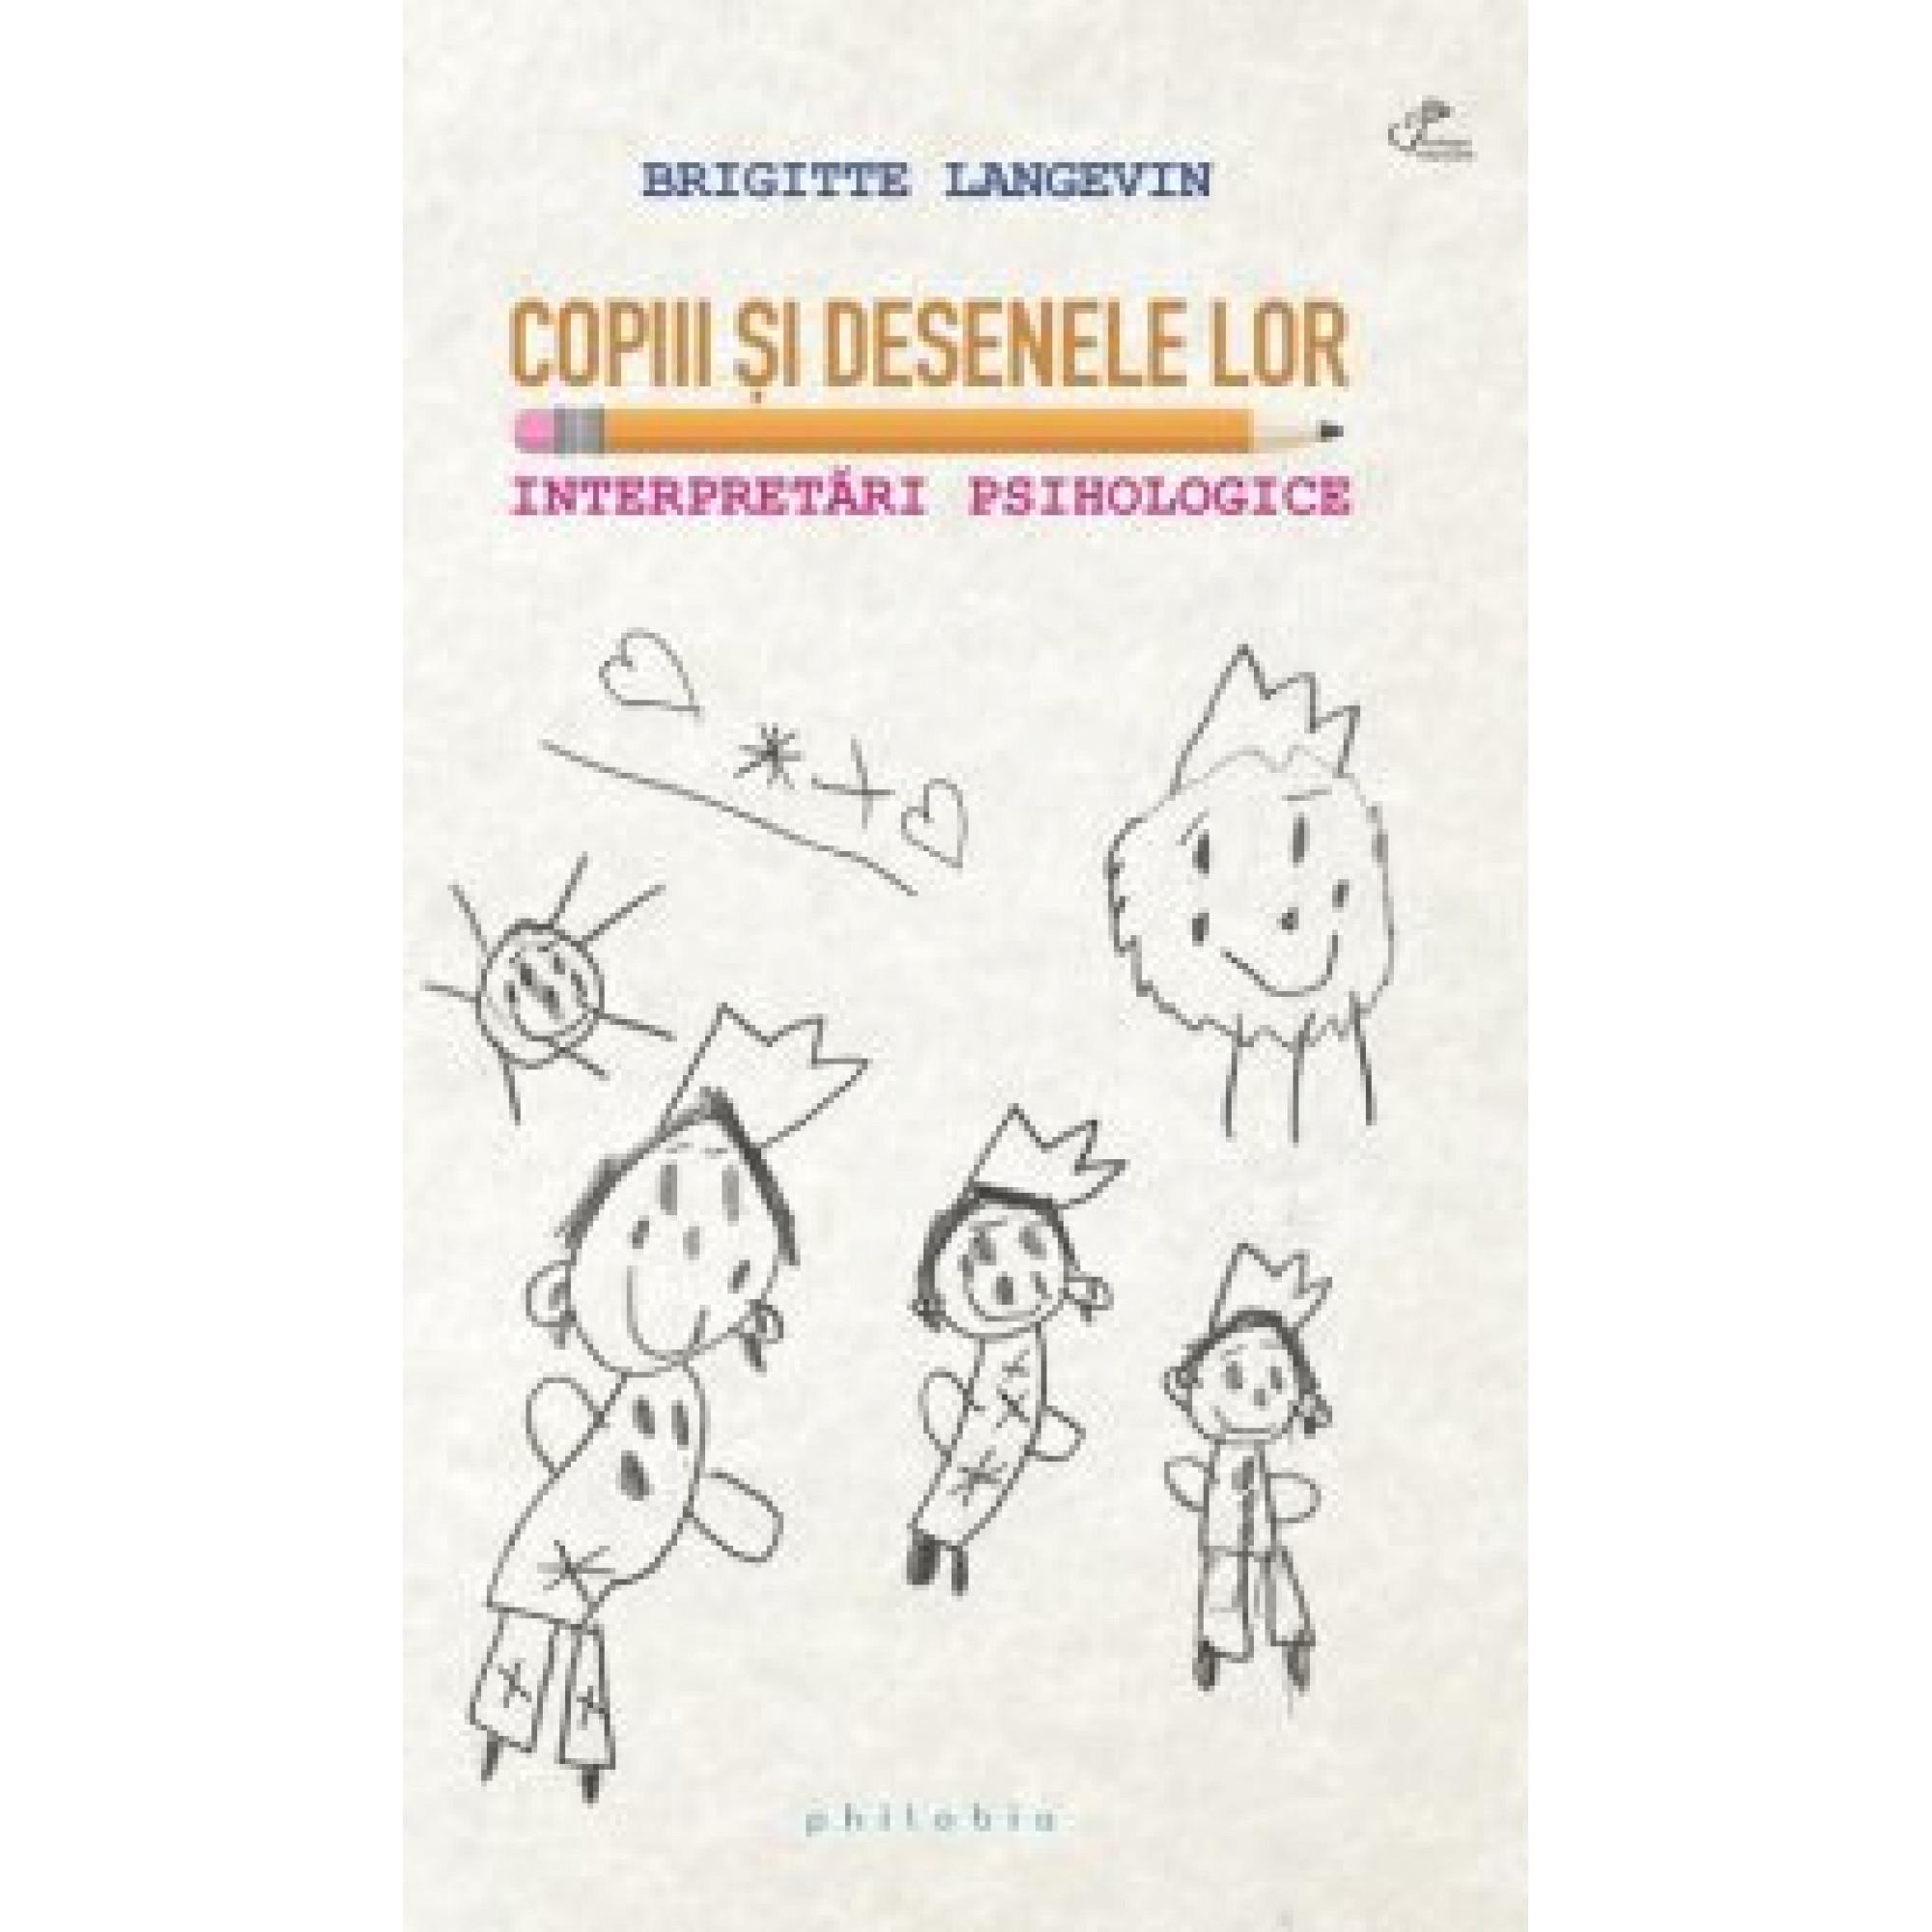 Copiii şi desenele lor; Brigitte Langevin